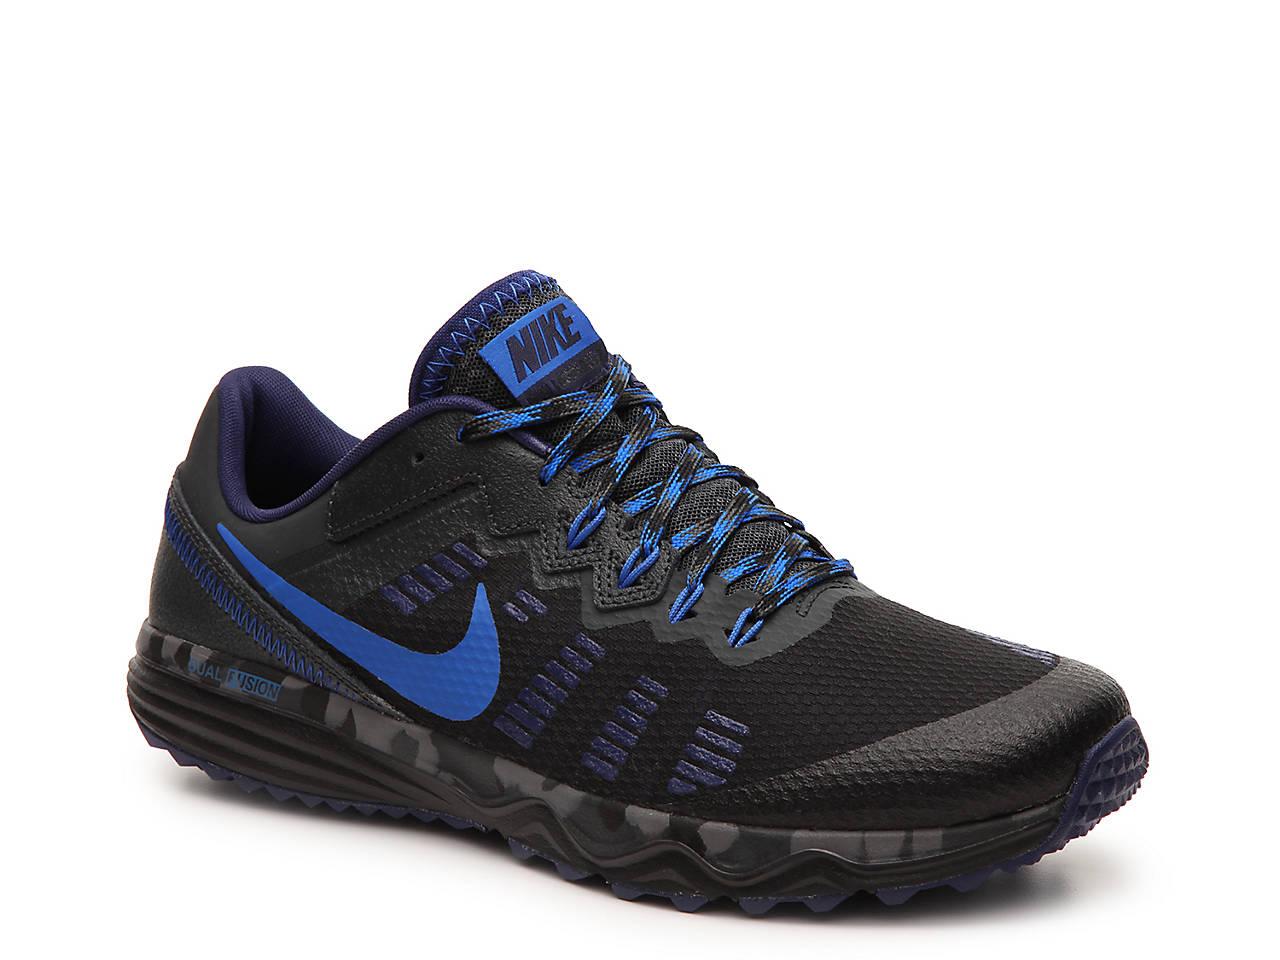 0f605e07ee1937 Nike Dual Fusion 2 Lightweight Trail Running Shoe - Men s Men s ...